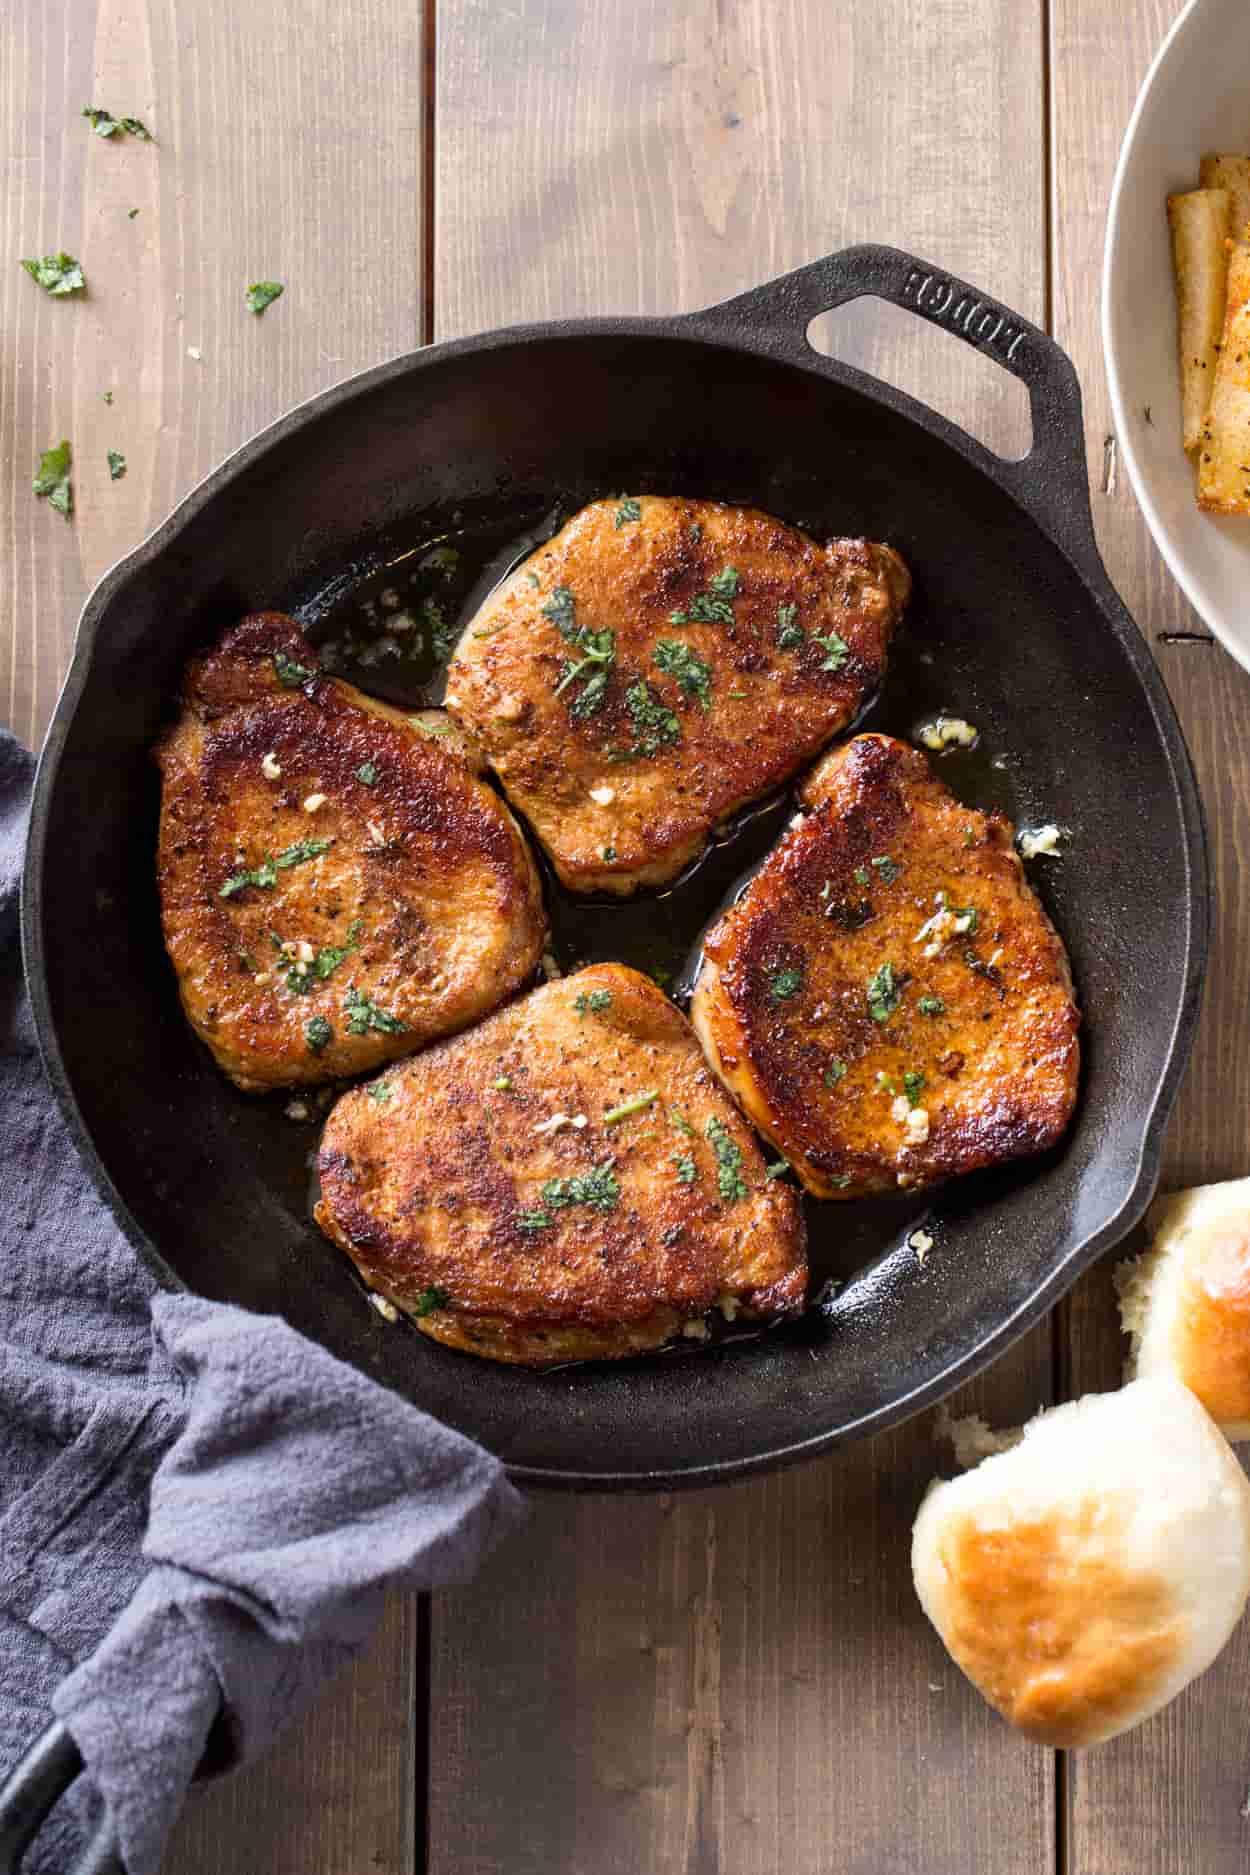 pork chops recipe video Pork Chops Recipe